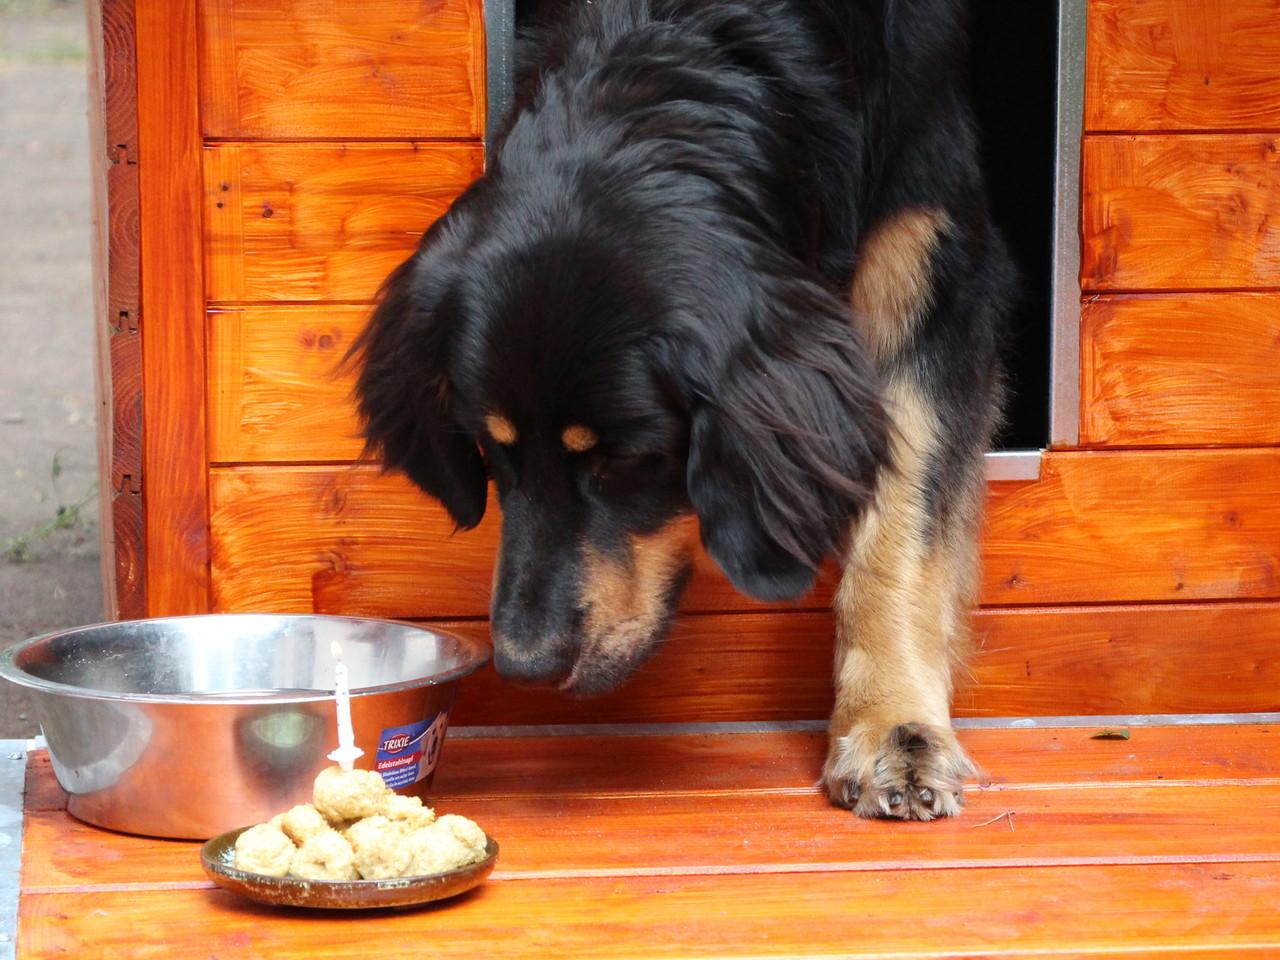 Und diese Kerze soll ich auspusten?!